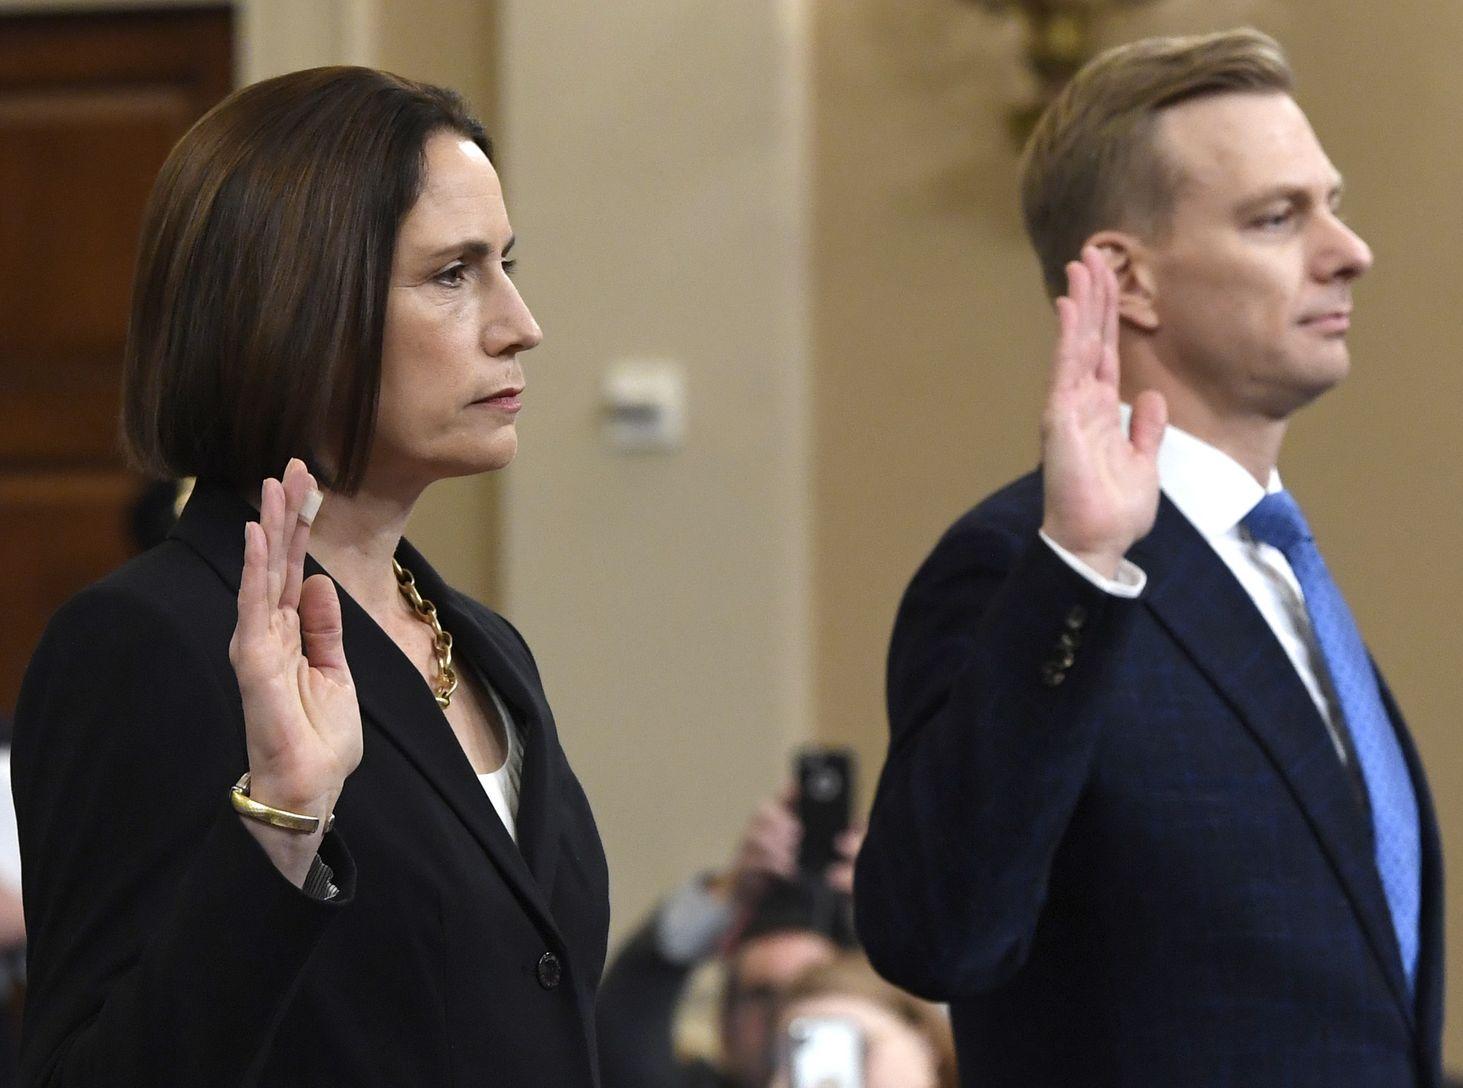 白宮前任女顧問希爾和國務院顧問霍姆斯在公開聽證會上作供。AP